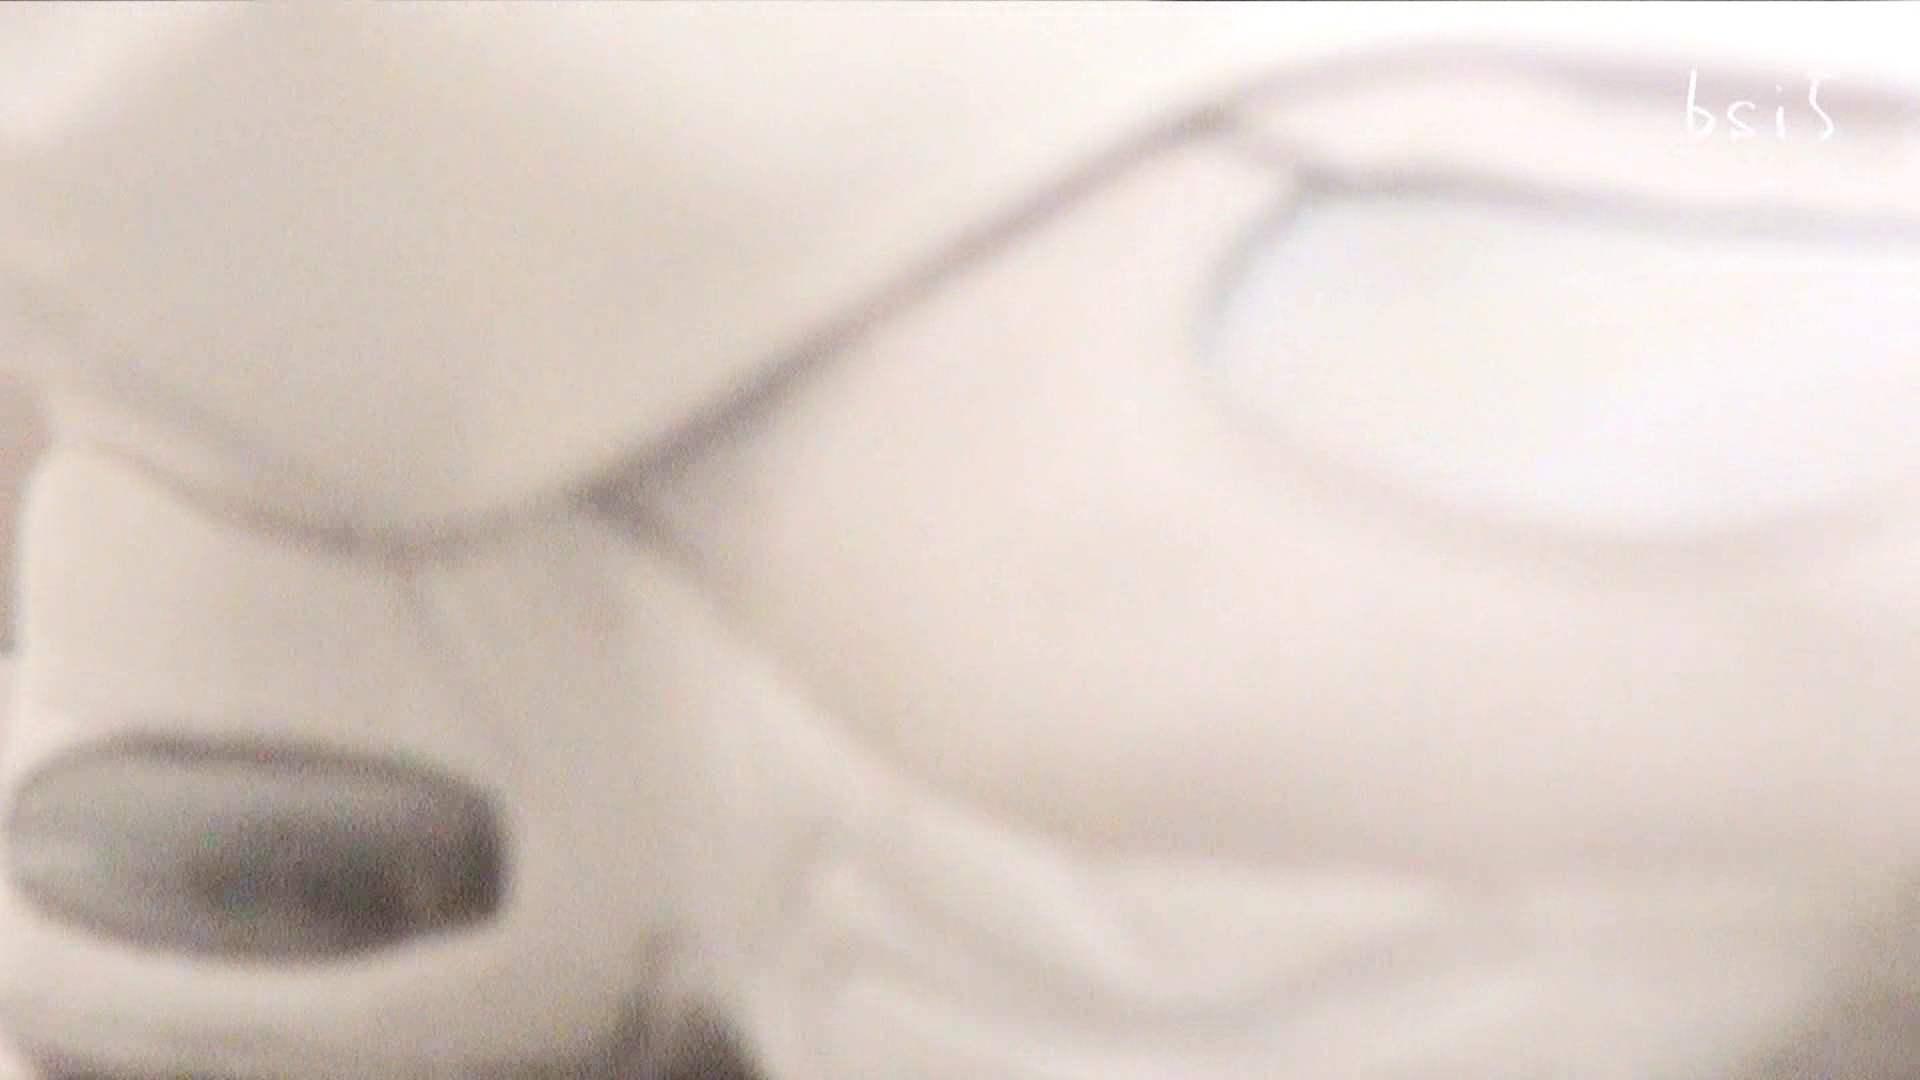 ナースのお小水 vol.005 ナースハメ撮り  110Pix 71